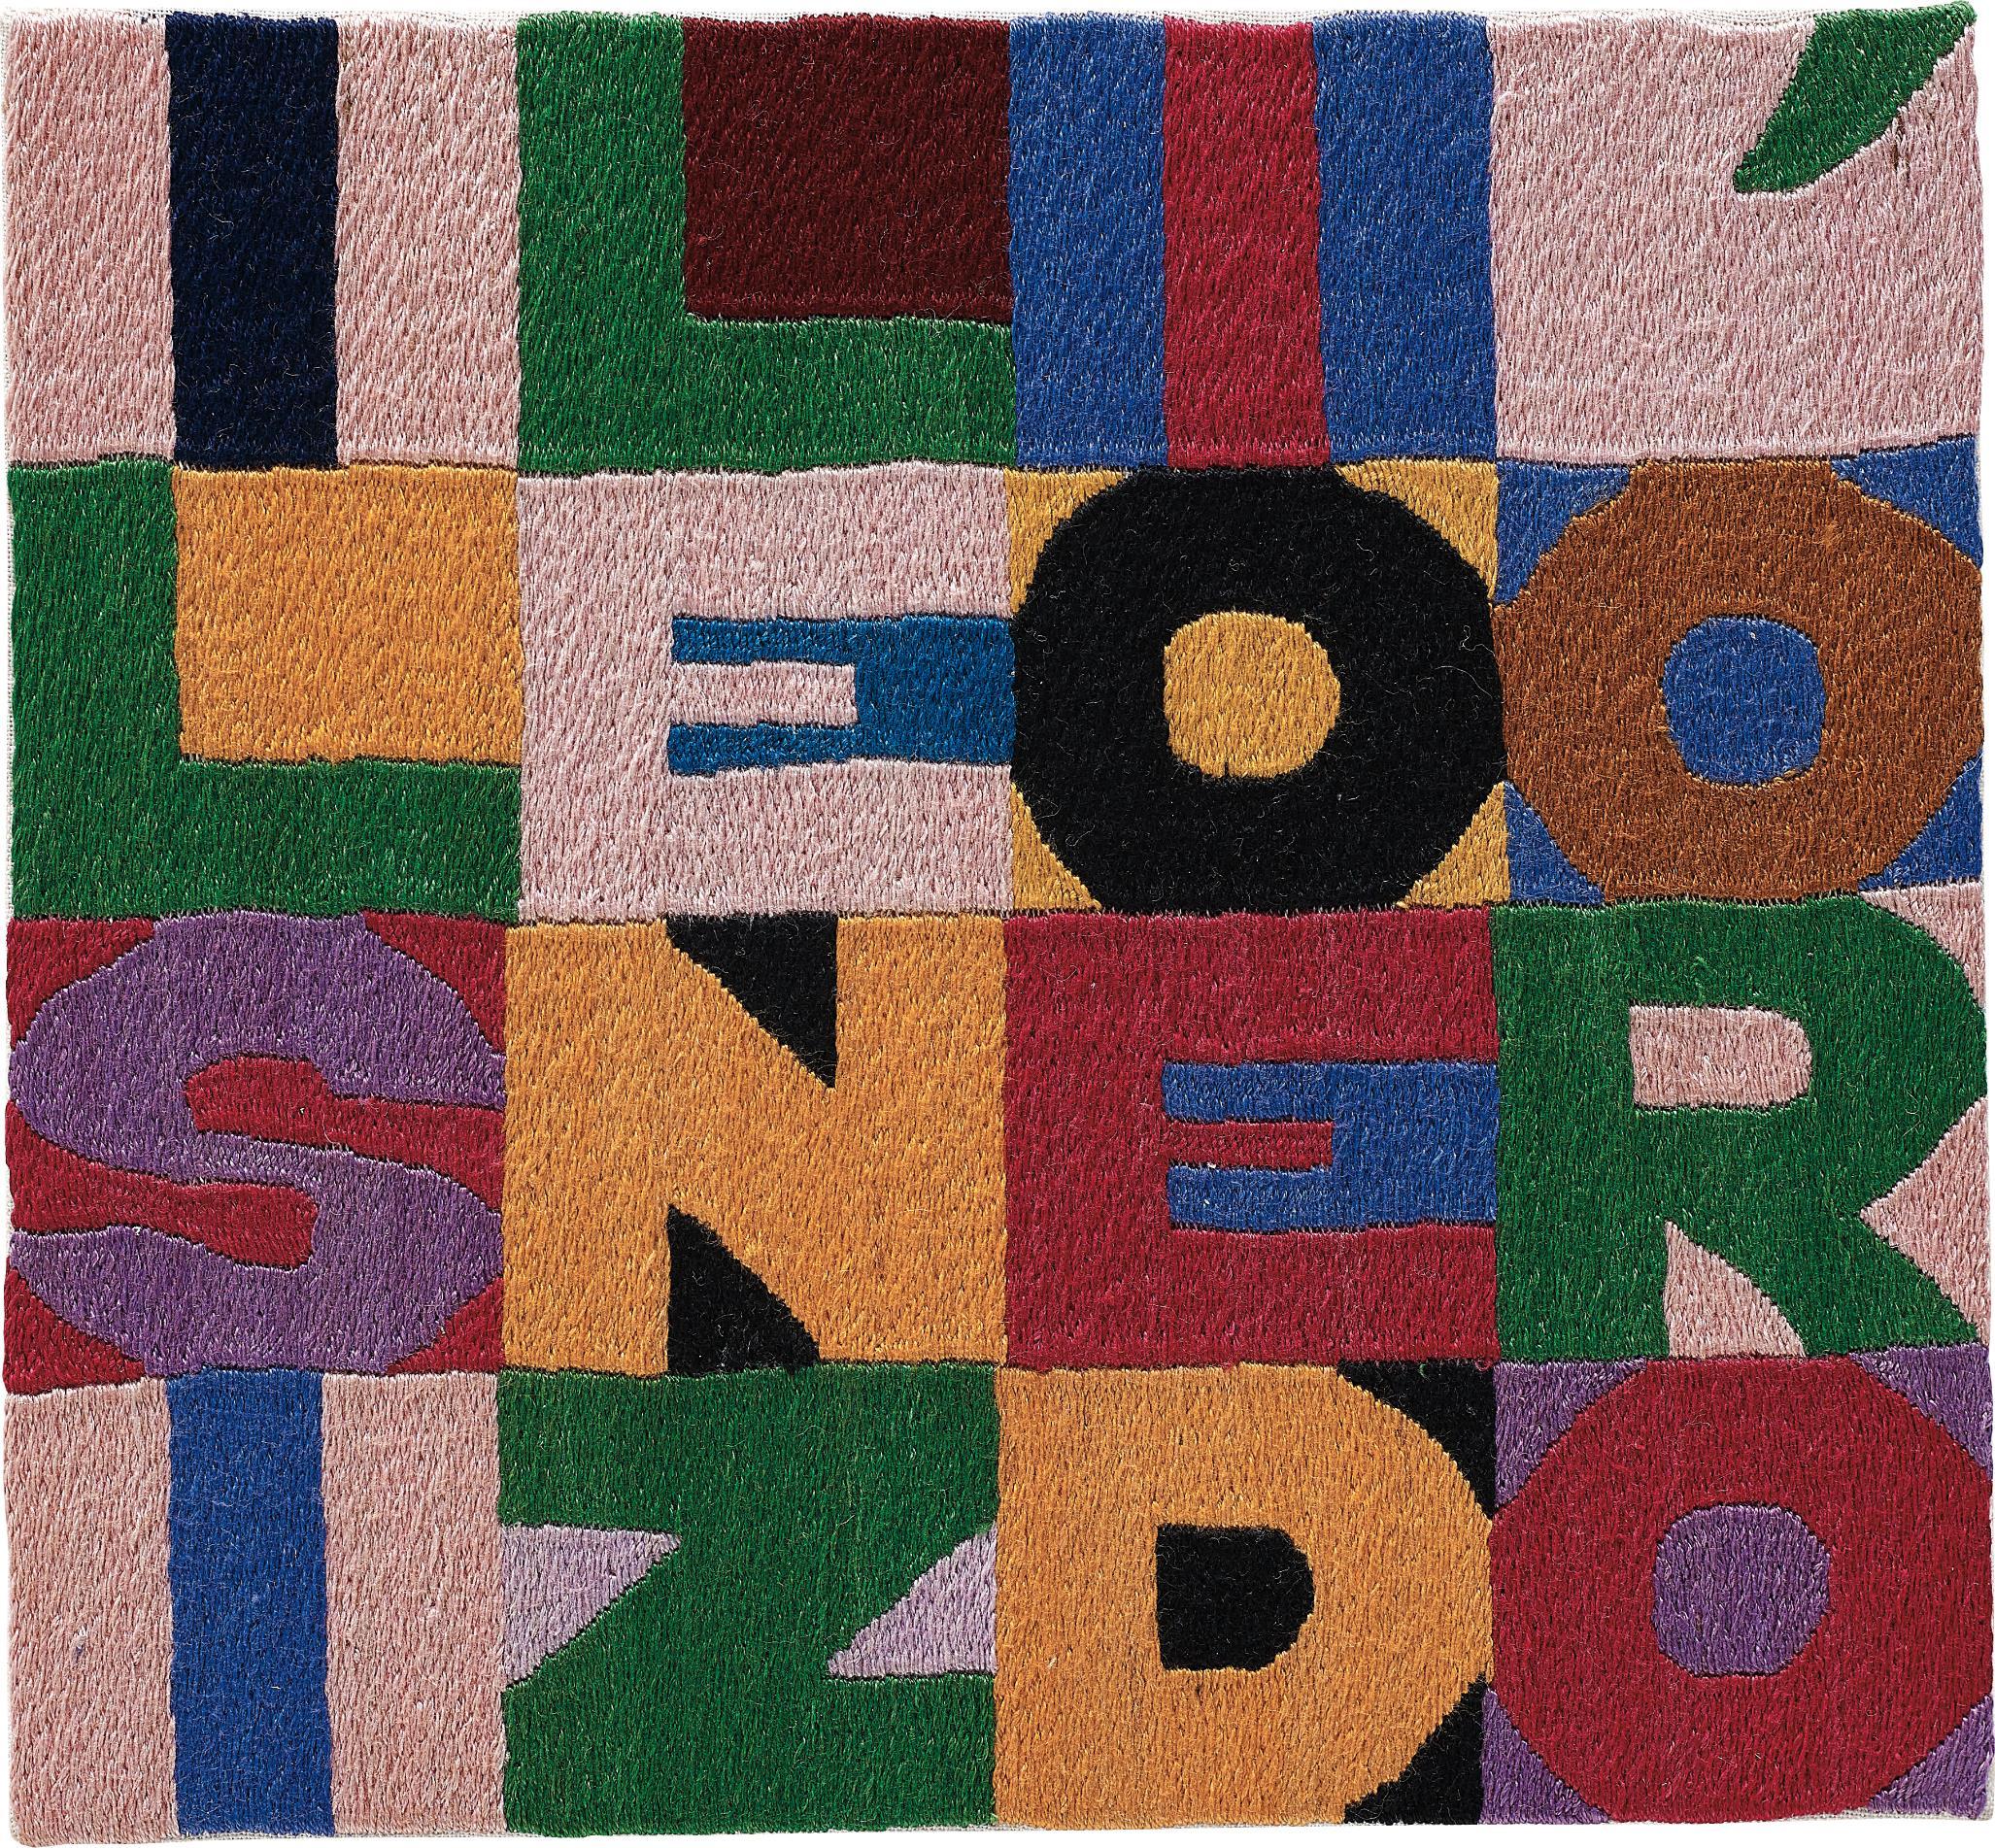 Alighiero Boetti-Il silenzio e d'oro-1988